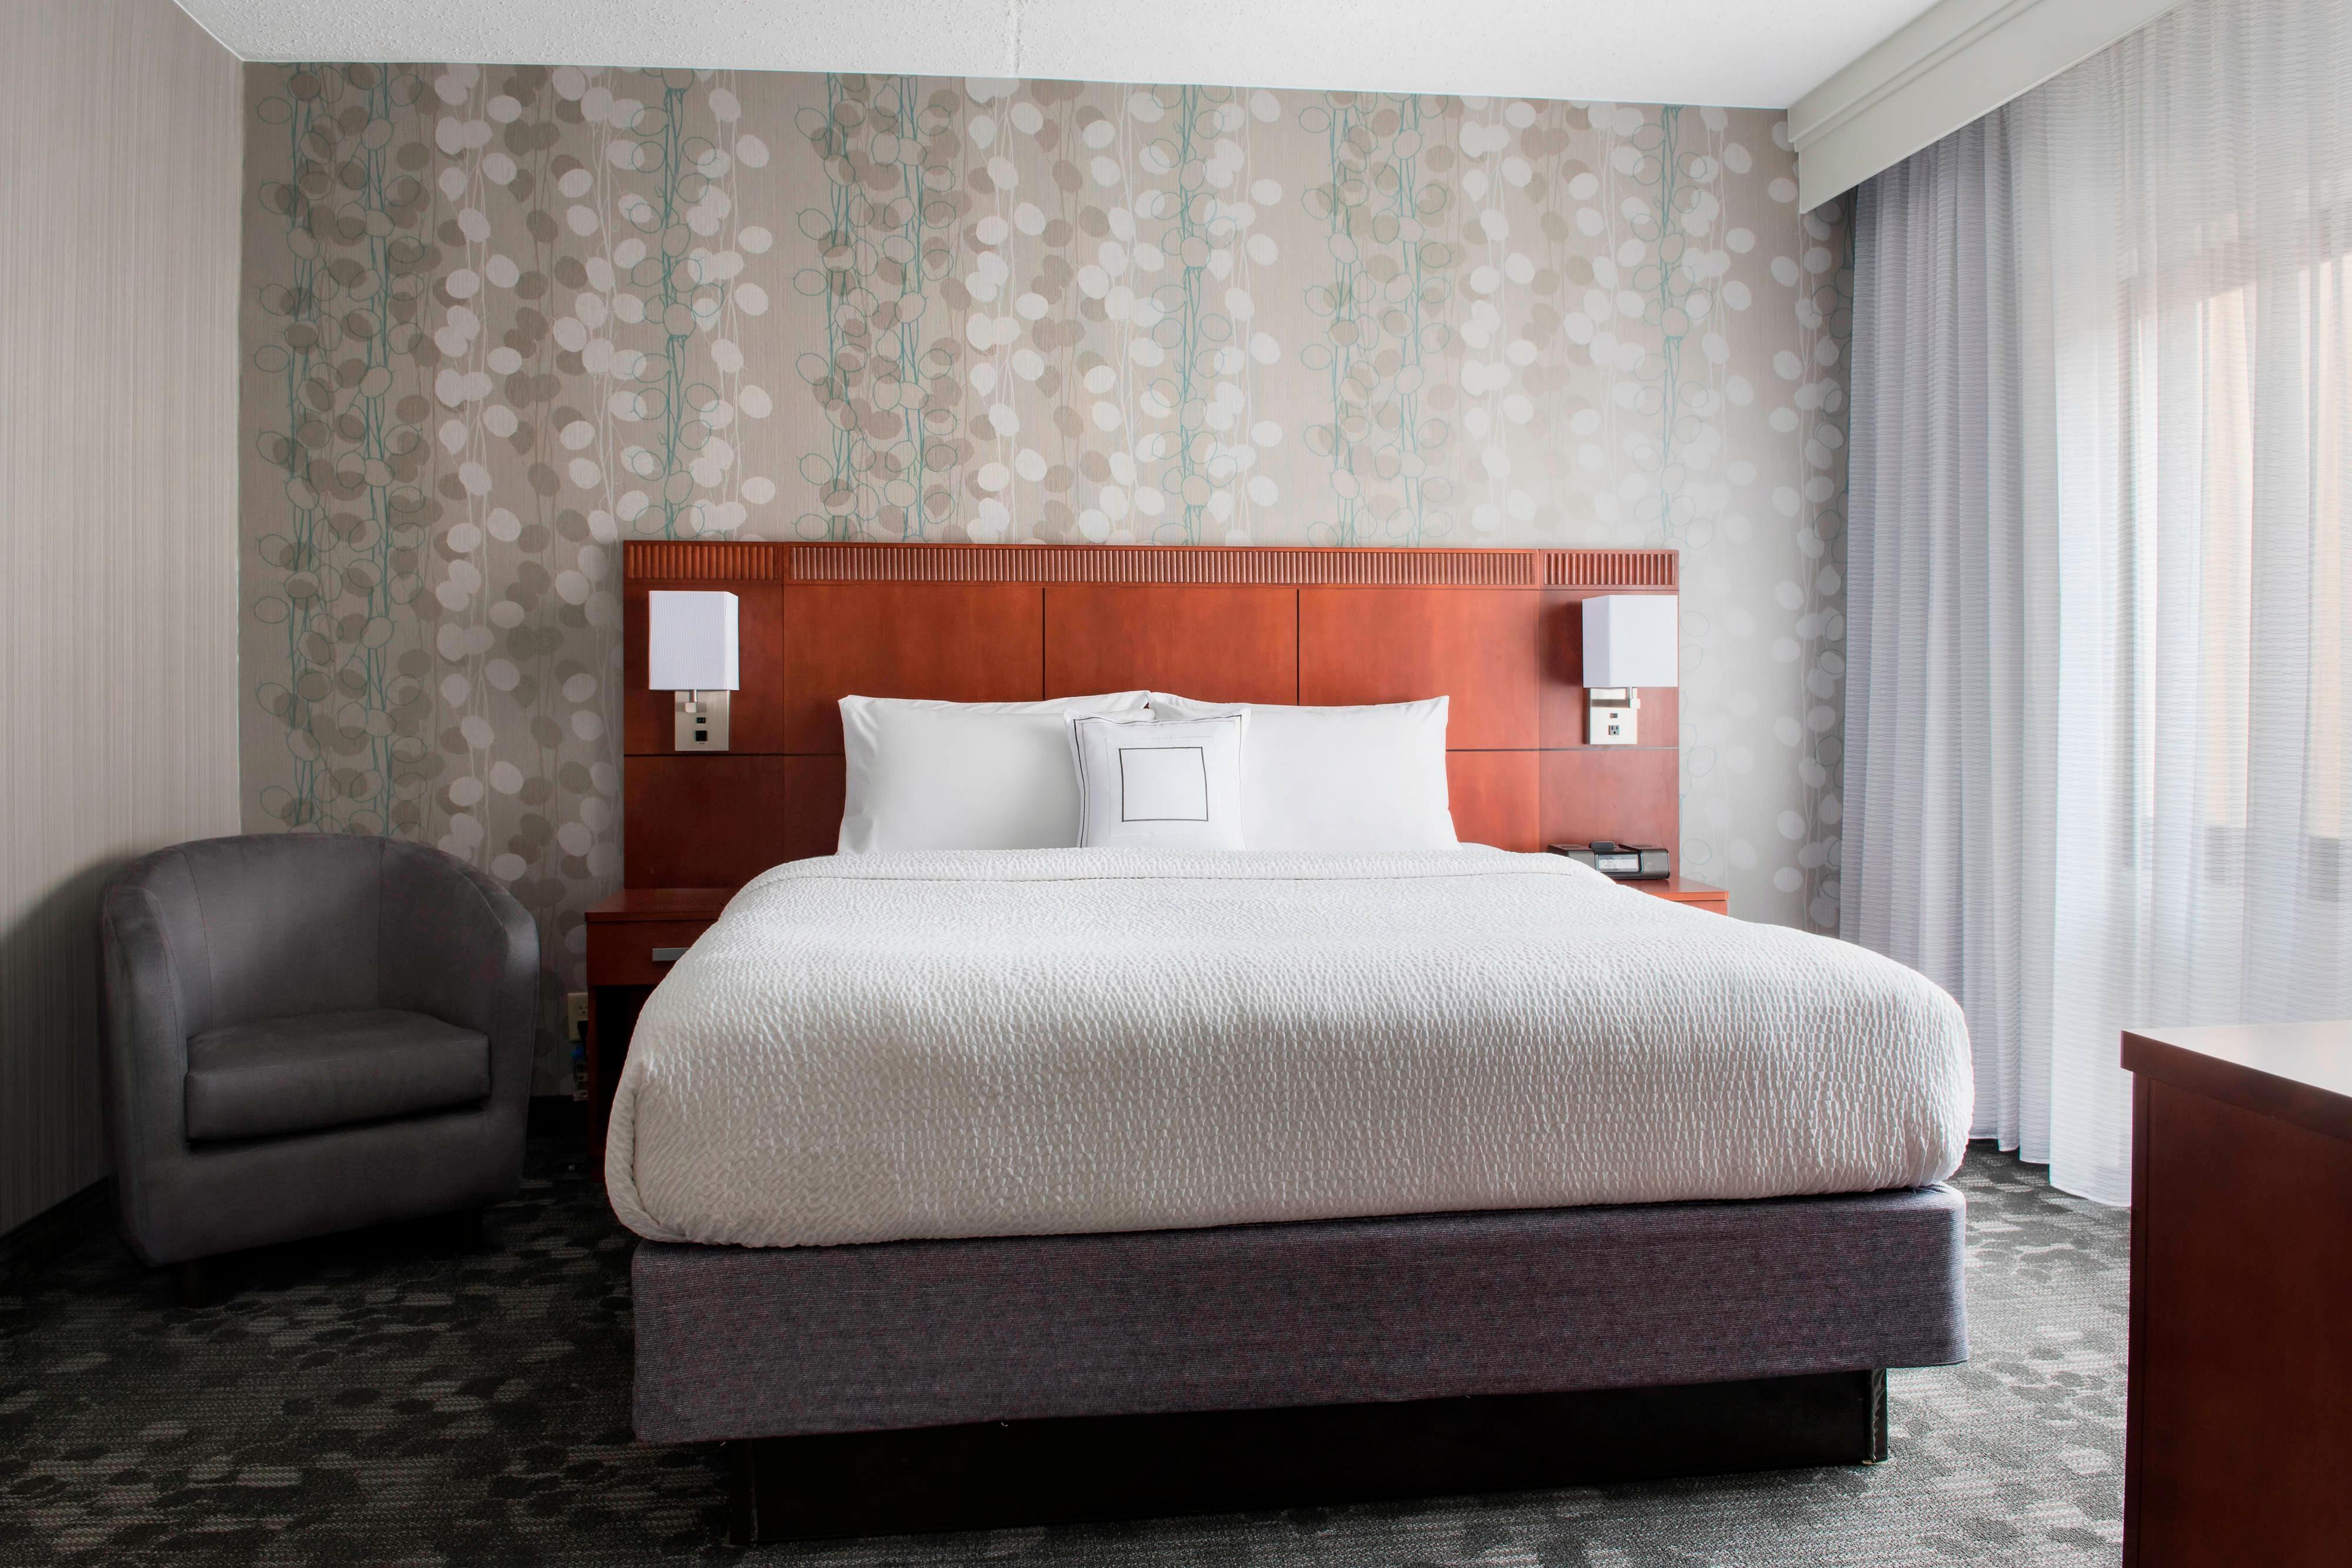 Suite de un dormitorio con cama tamaño King - Dormitorio